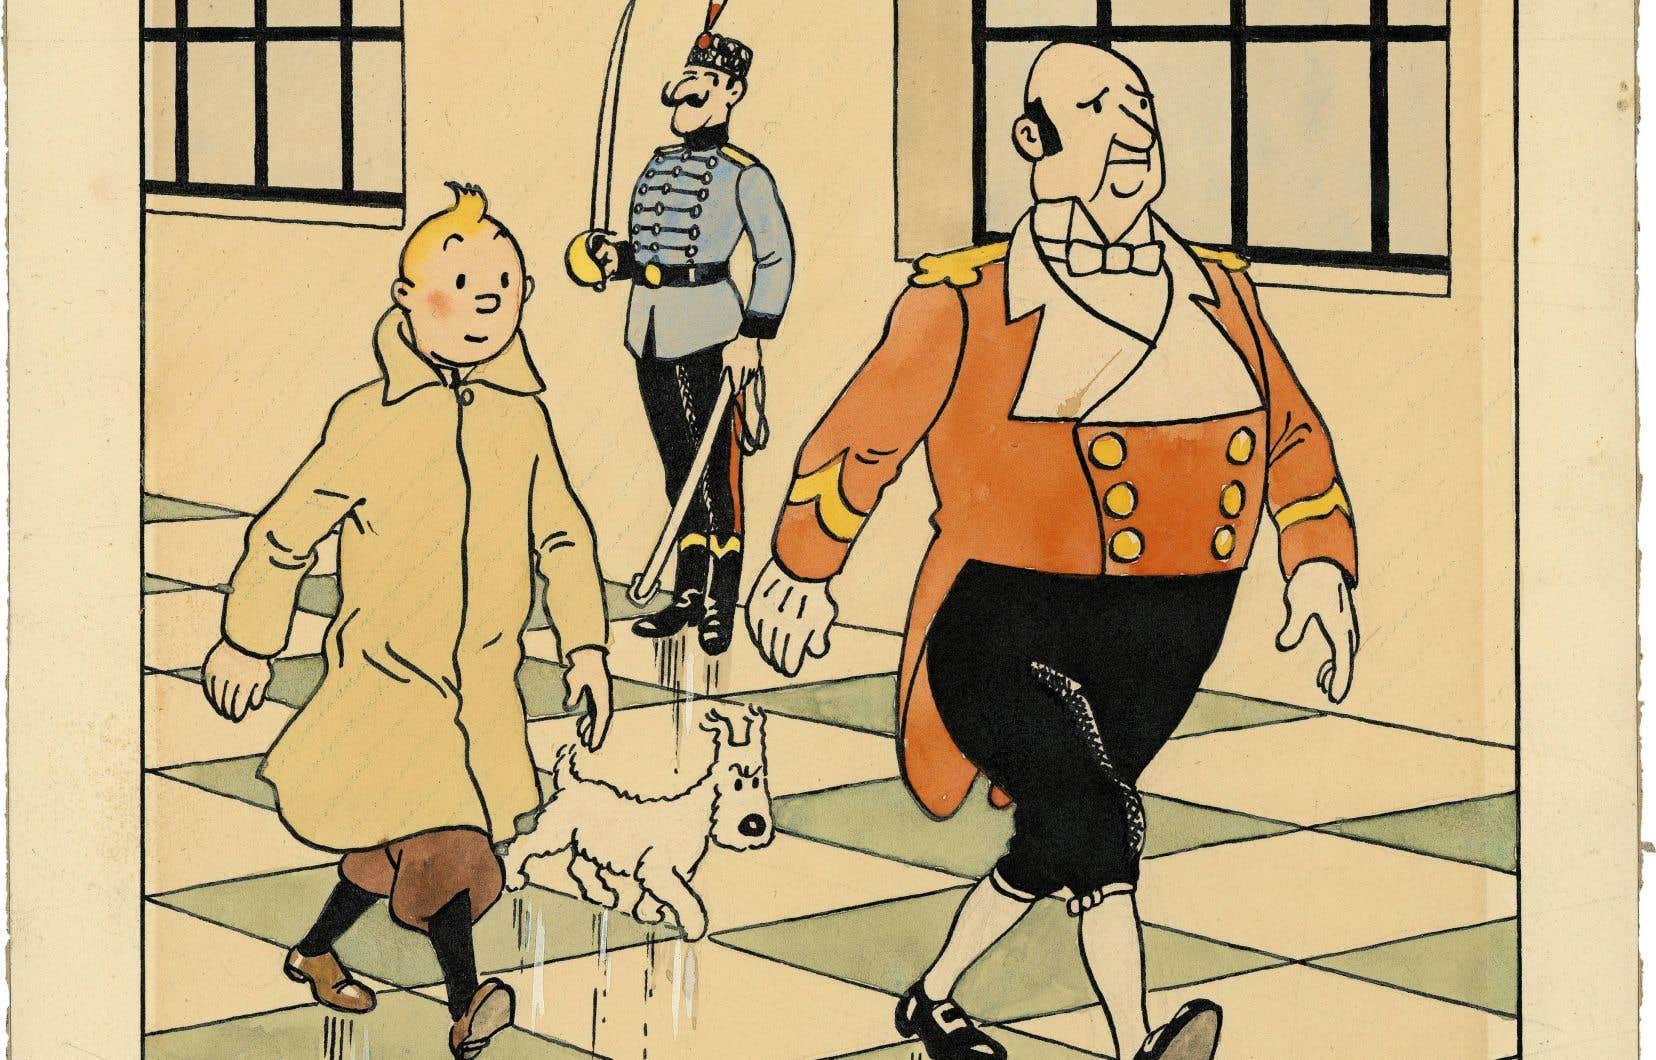 Un dessin en couleur signé Hergé pour la couverture du journal «Le Petit Vingtième» publié le 14 février 1939